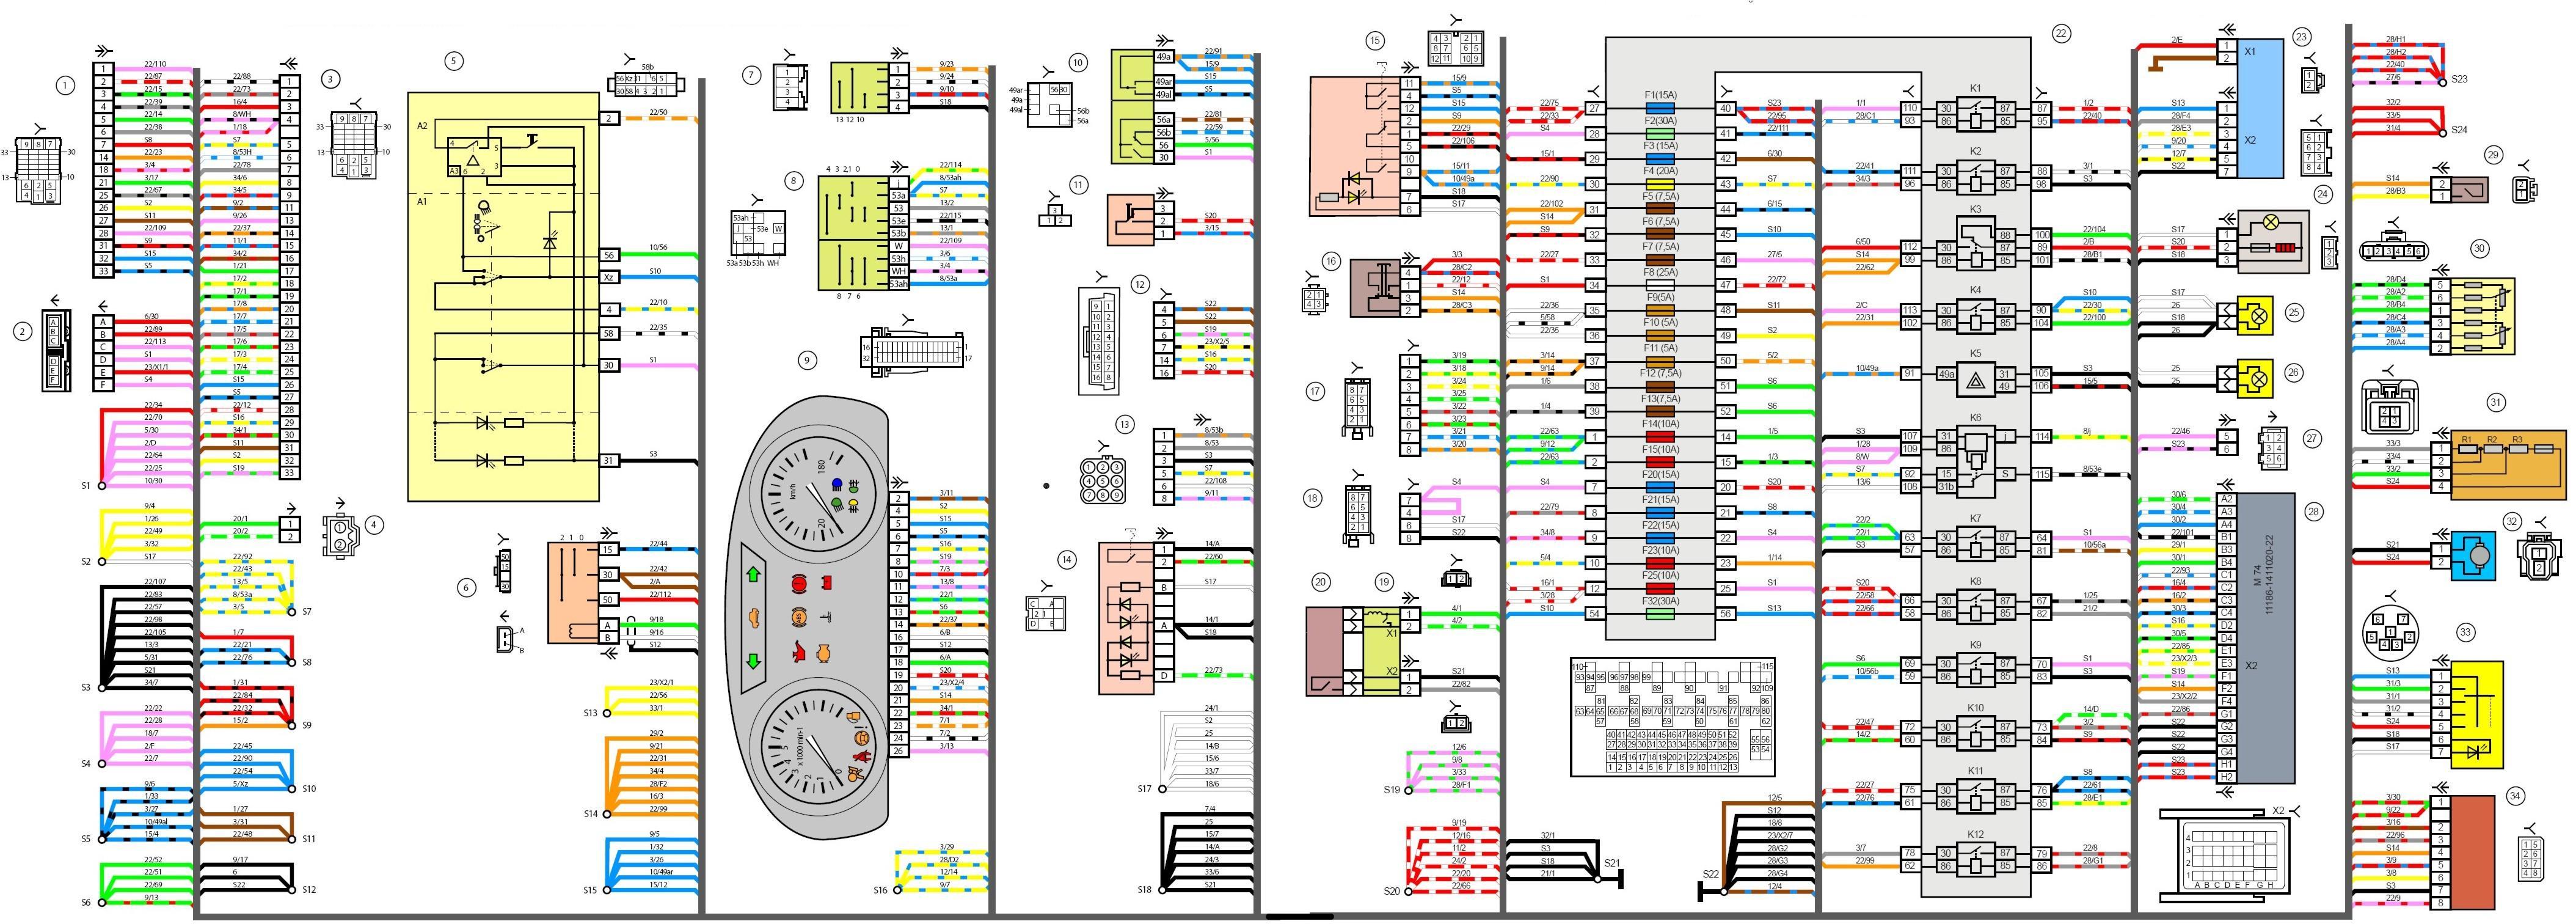 Электросхема лада гранта норма с описанием элементов.